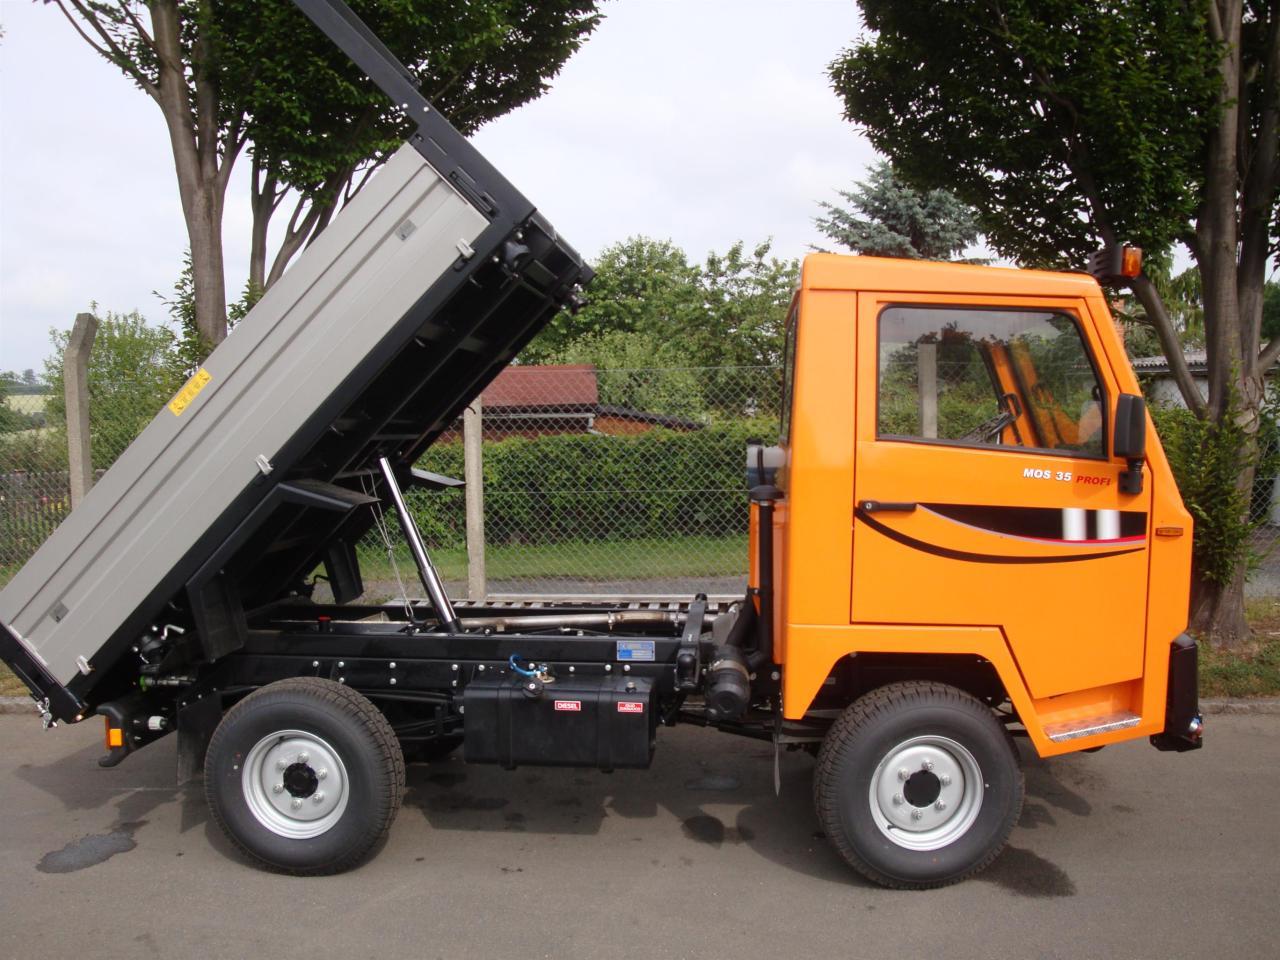 Multimobil MOS35PROFI